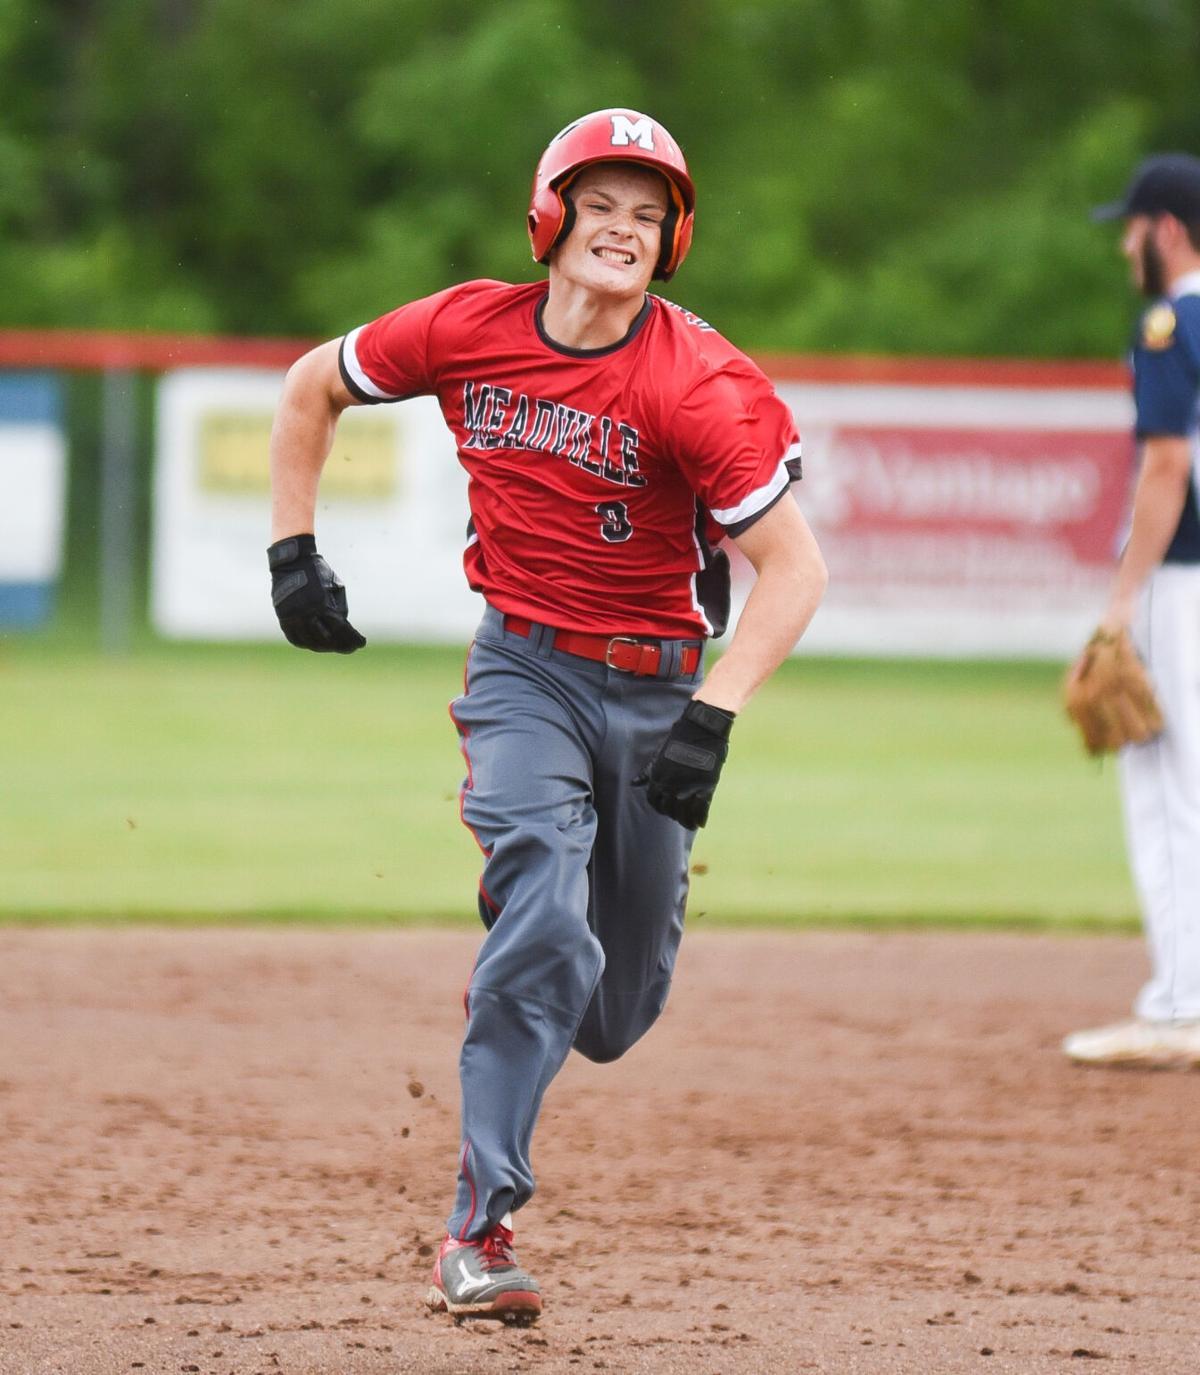 American Legion Baseball - Meadville vs Titusville